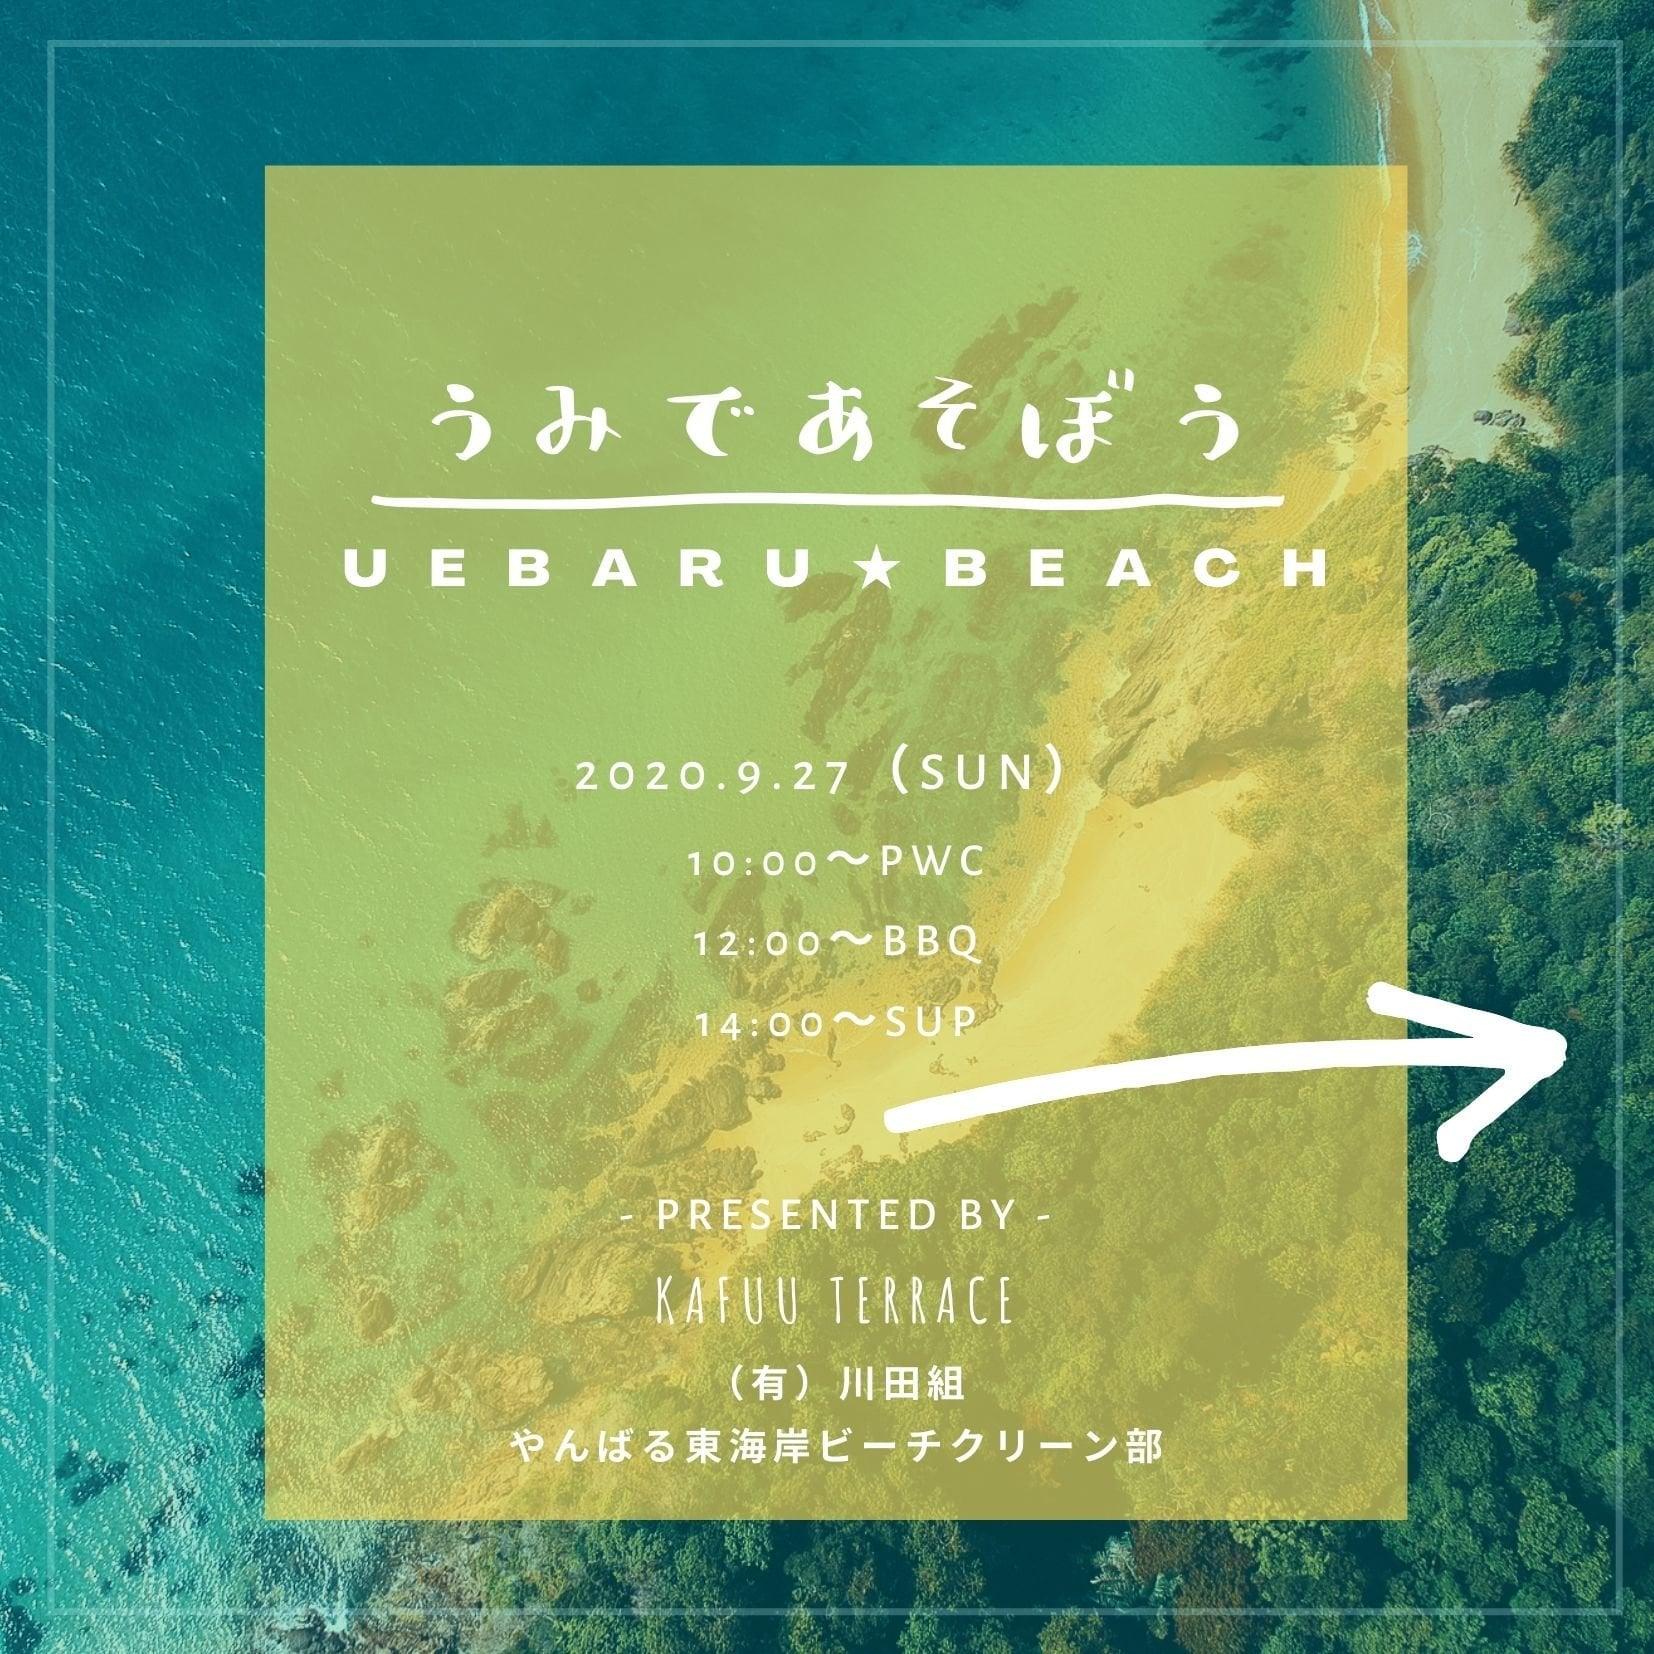 うみであそぼう UEBARU★BEACH 会員限定 ウェブチケット [ N様専用チケット ]のイメージその1